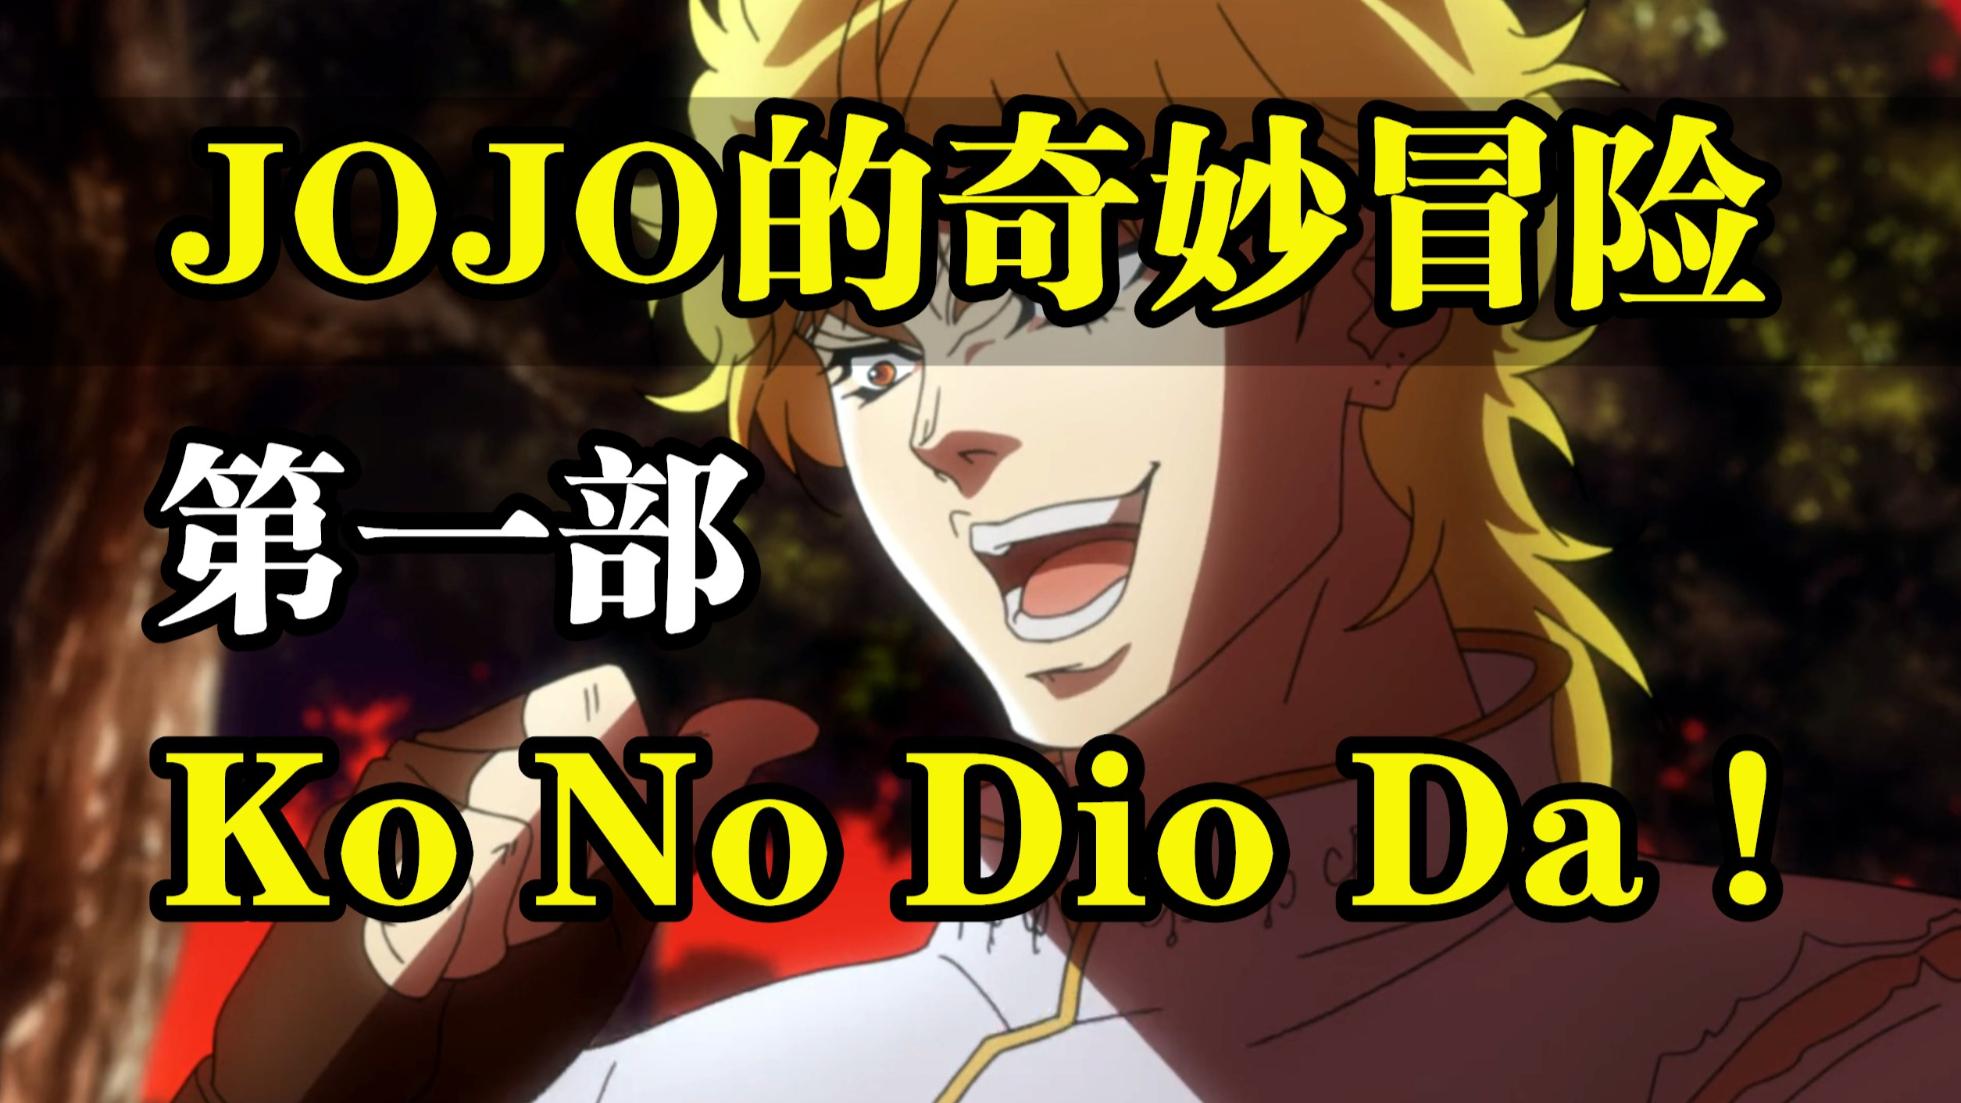 《JOJO的奇妙冒险》第一部剧情解说!木大木大!